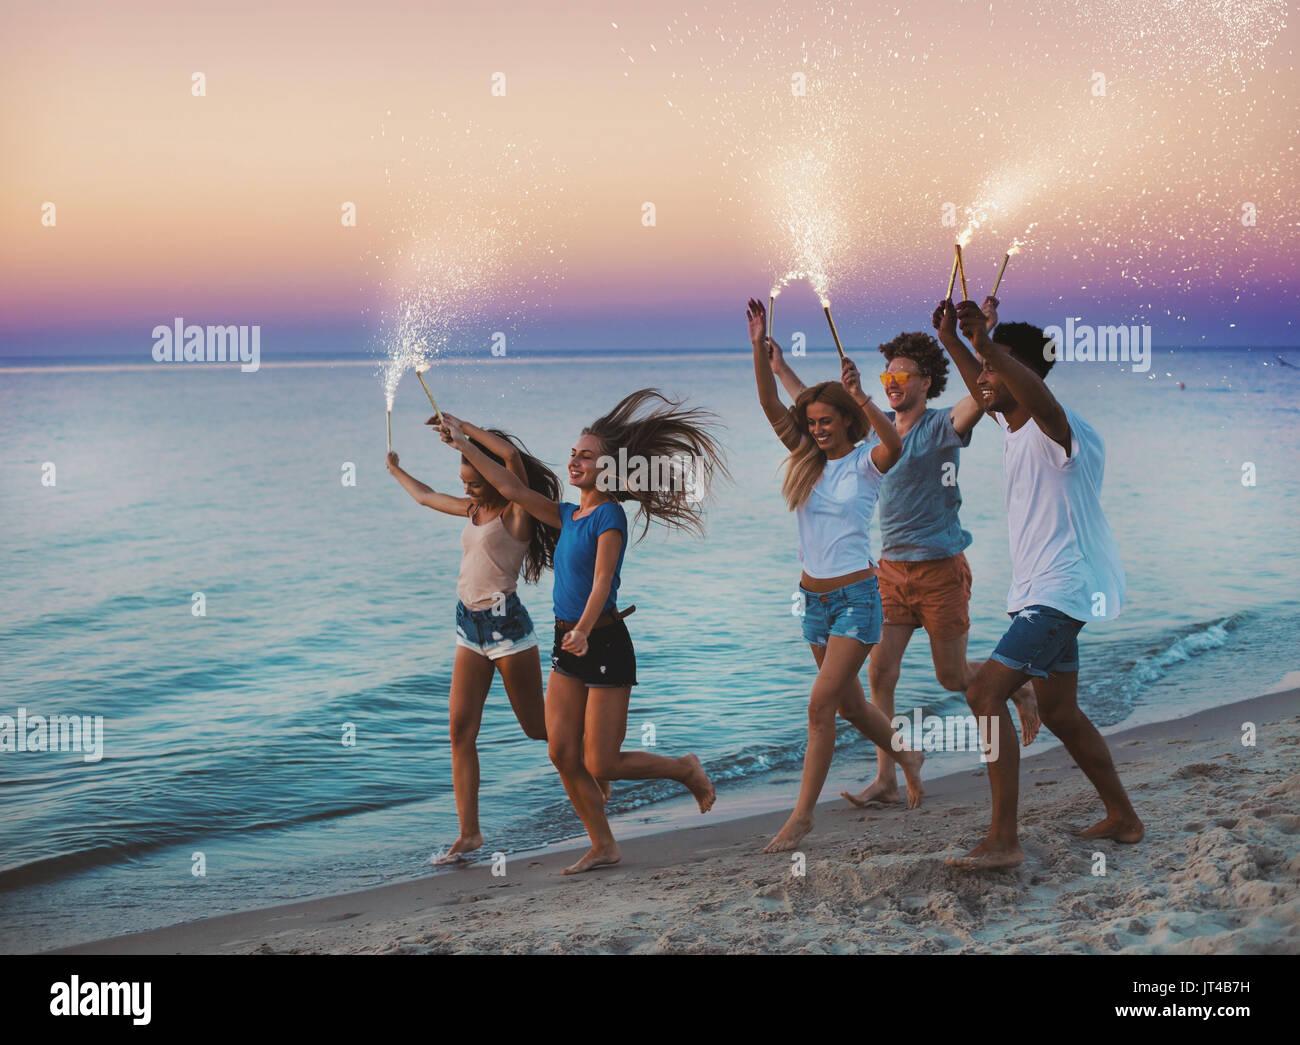 Feliz sonriendo amigos corriendo en la playa con espumosos velas Foto de stock